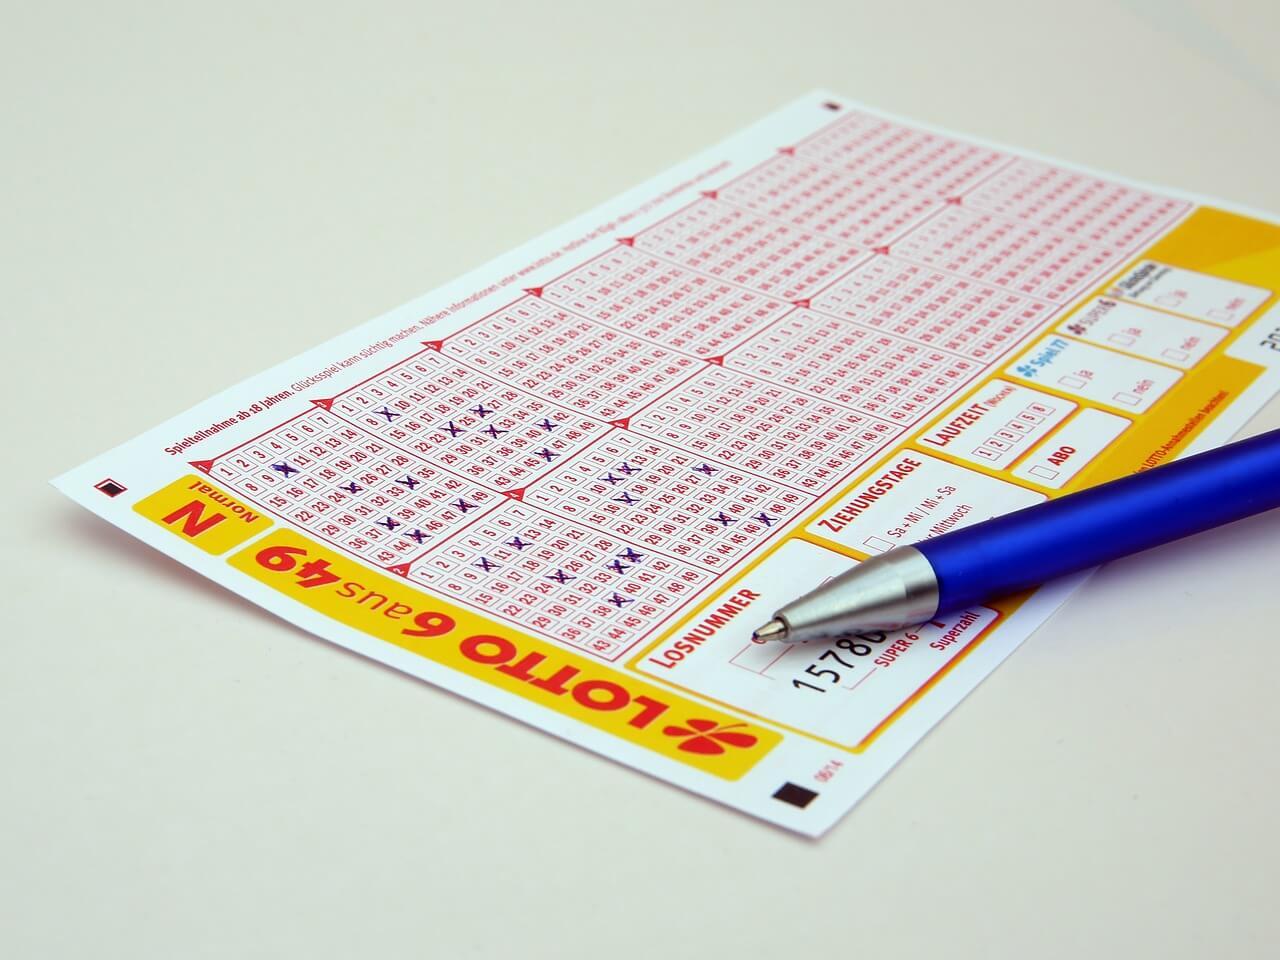 Lotto in Belgie